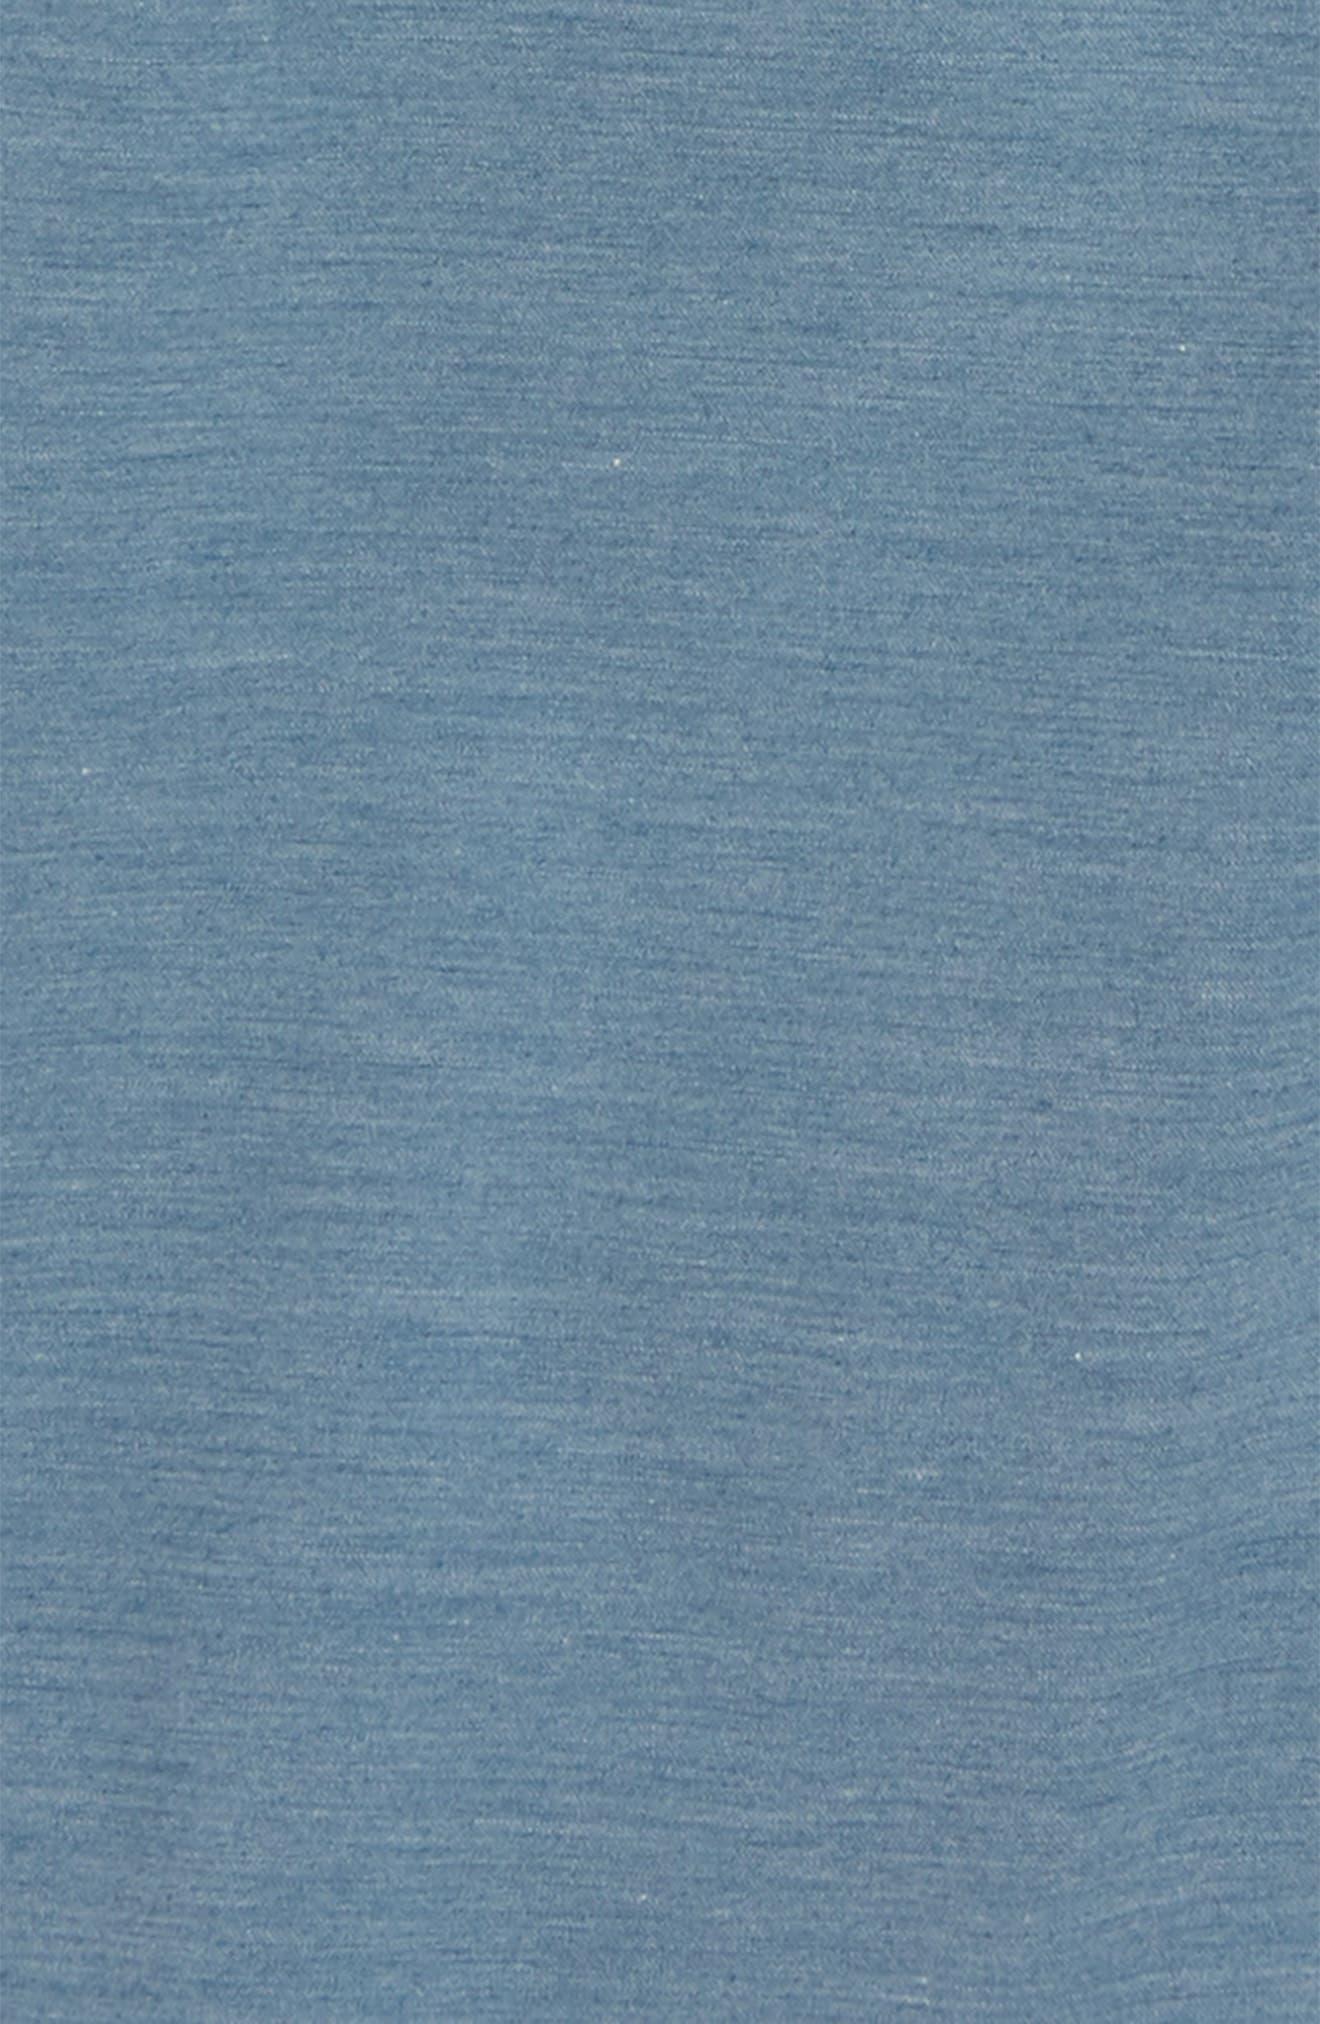 Authentic Decksider Hybrid Shorts,                             Alternate thumbnail 2, color,                             Copen Blue